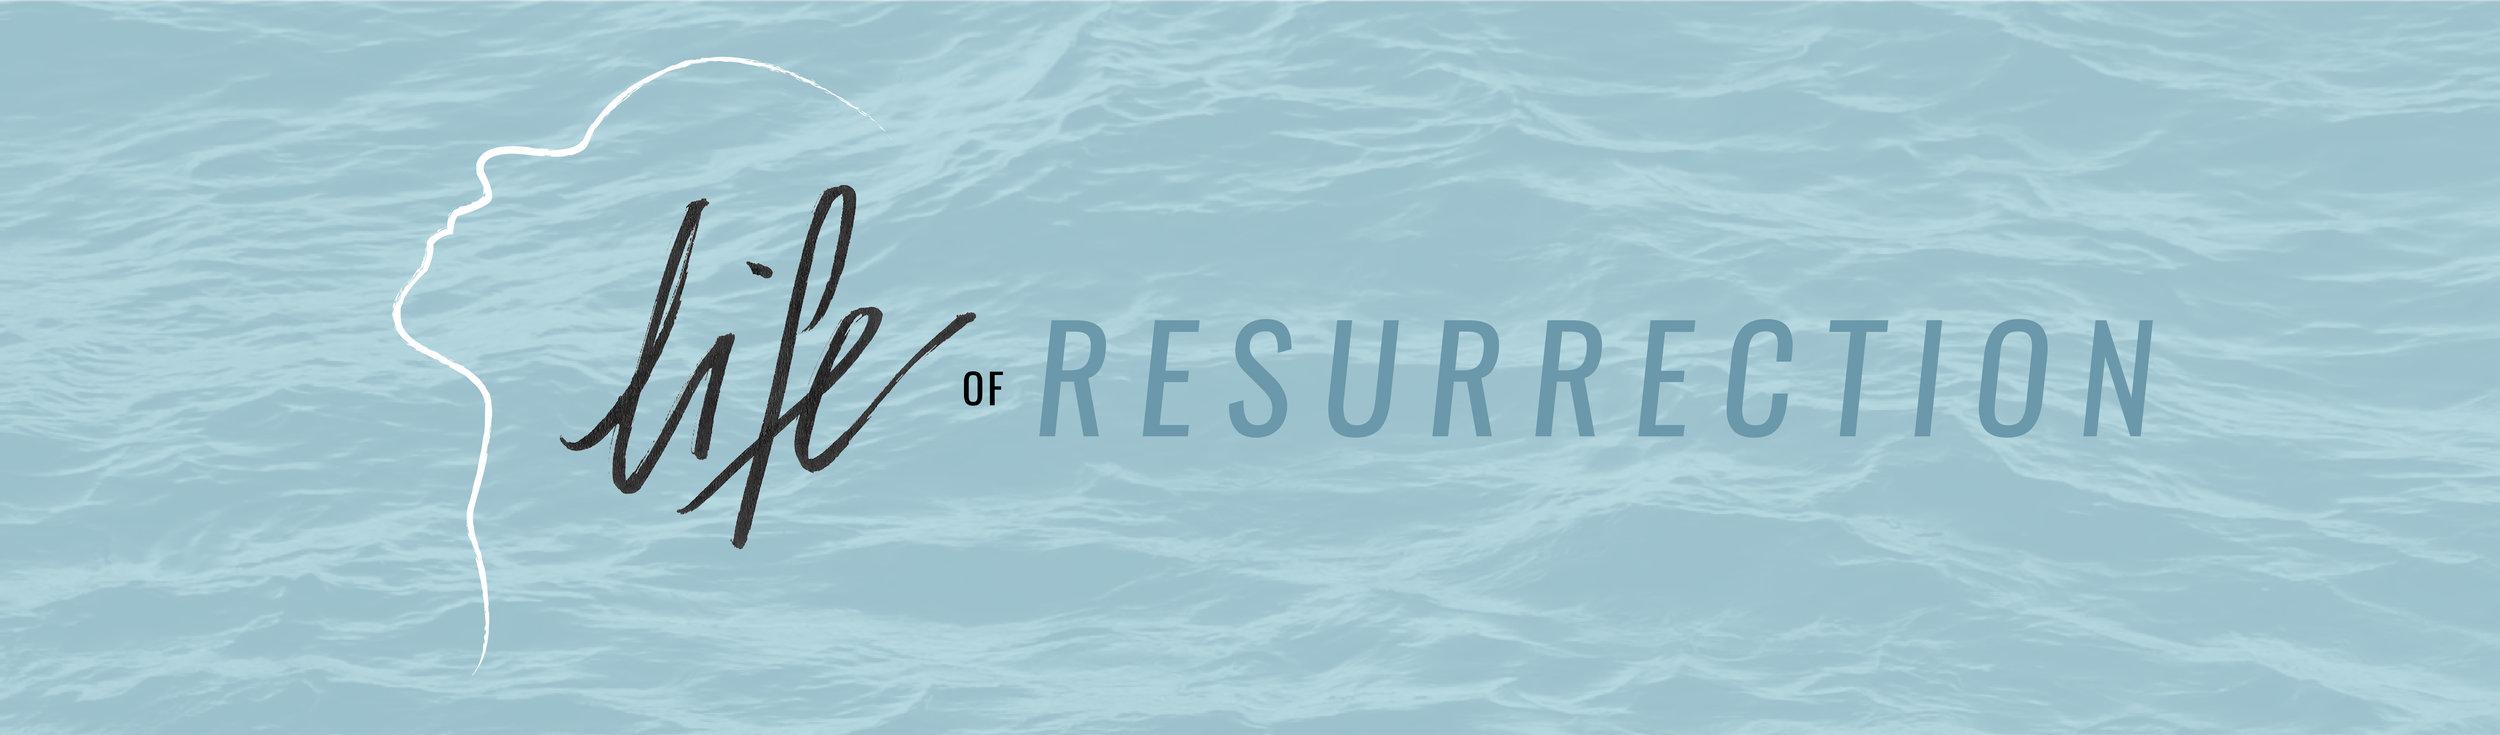 LifeOfResurrection-web.jpg